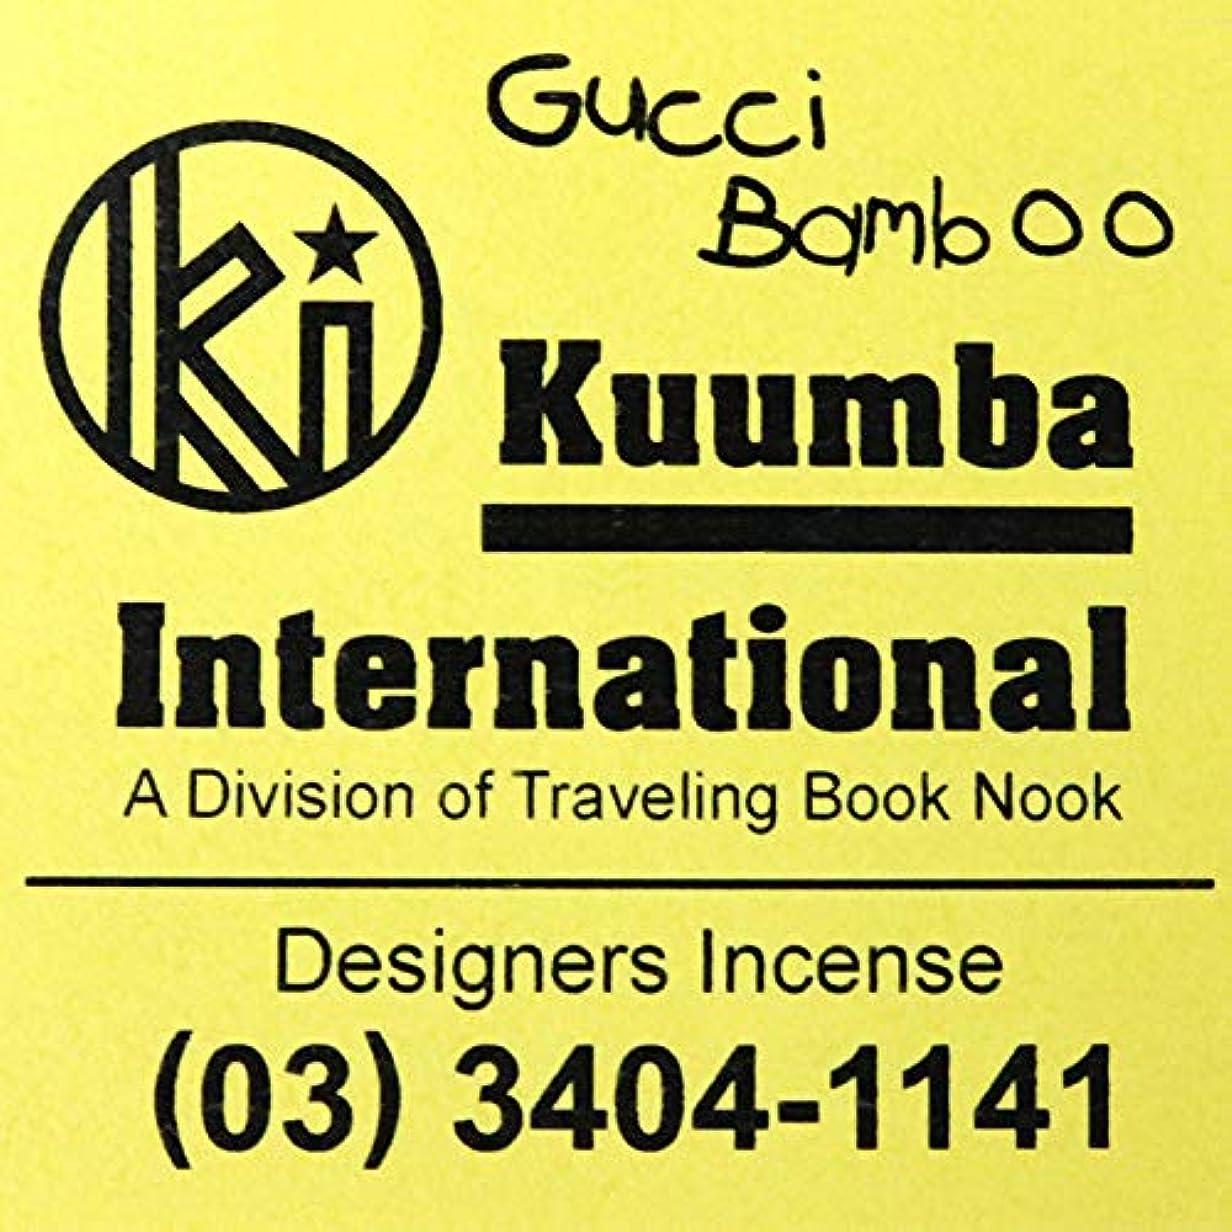 スリラー徴収食事を調理するKUUMBA (クンバ)『incense』(GUCCI BAMBOO) (GUCCI BAMBOO, Regular size)